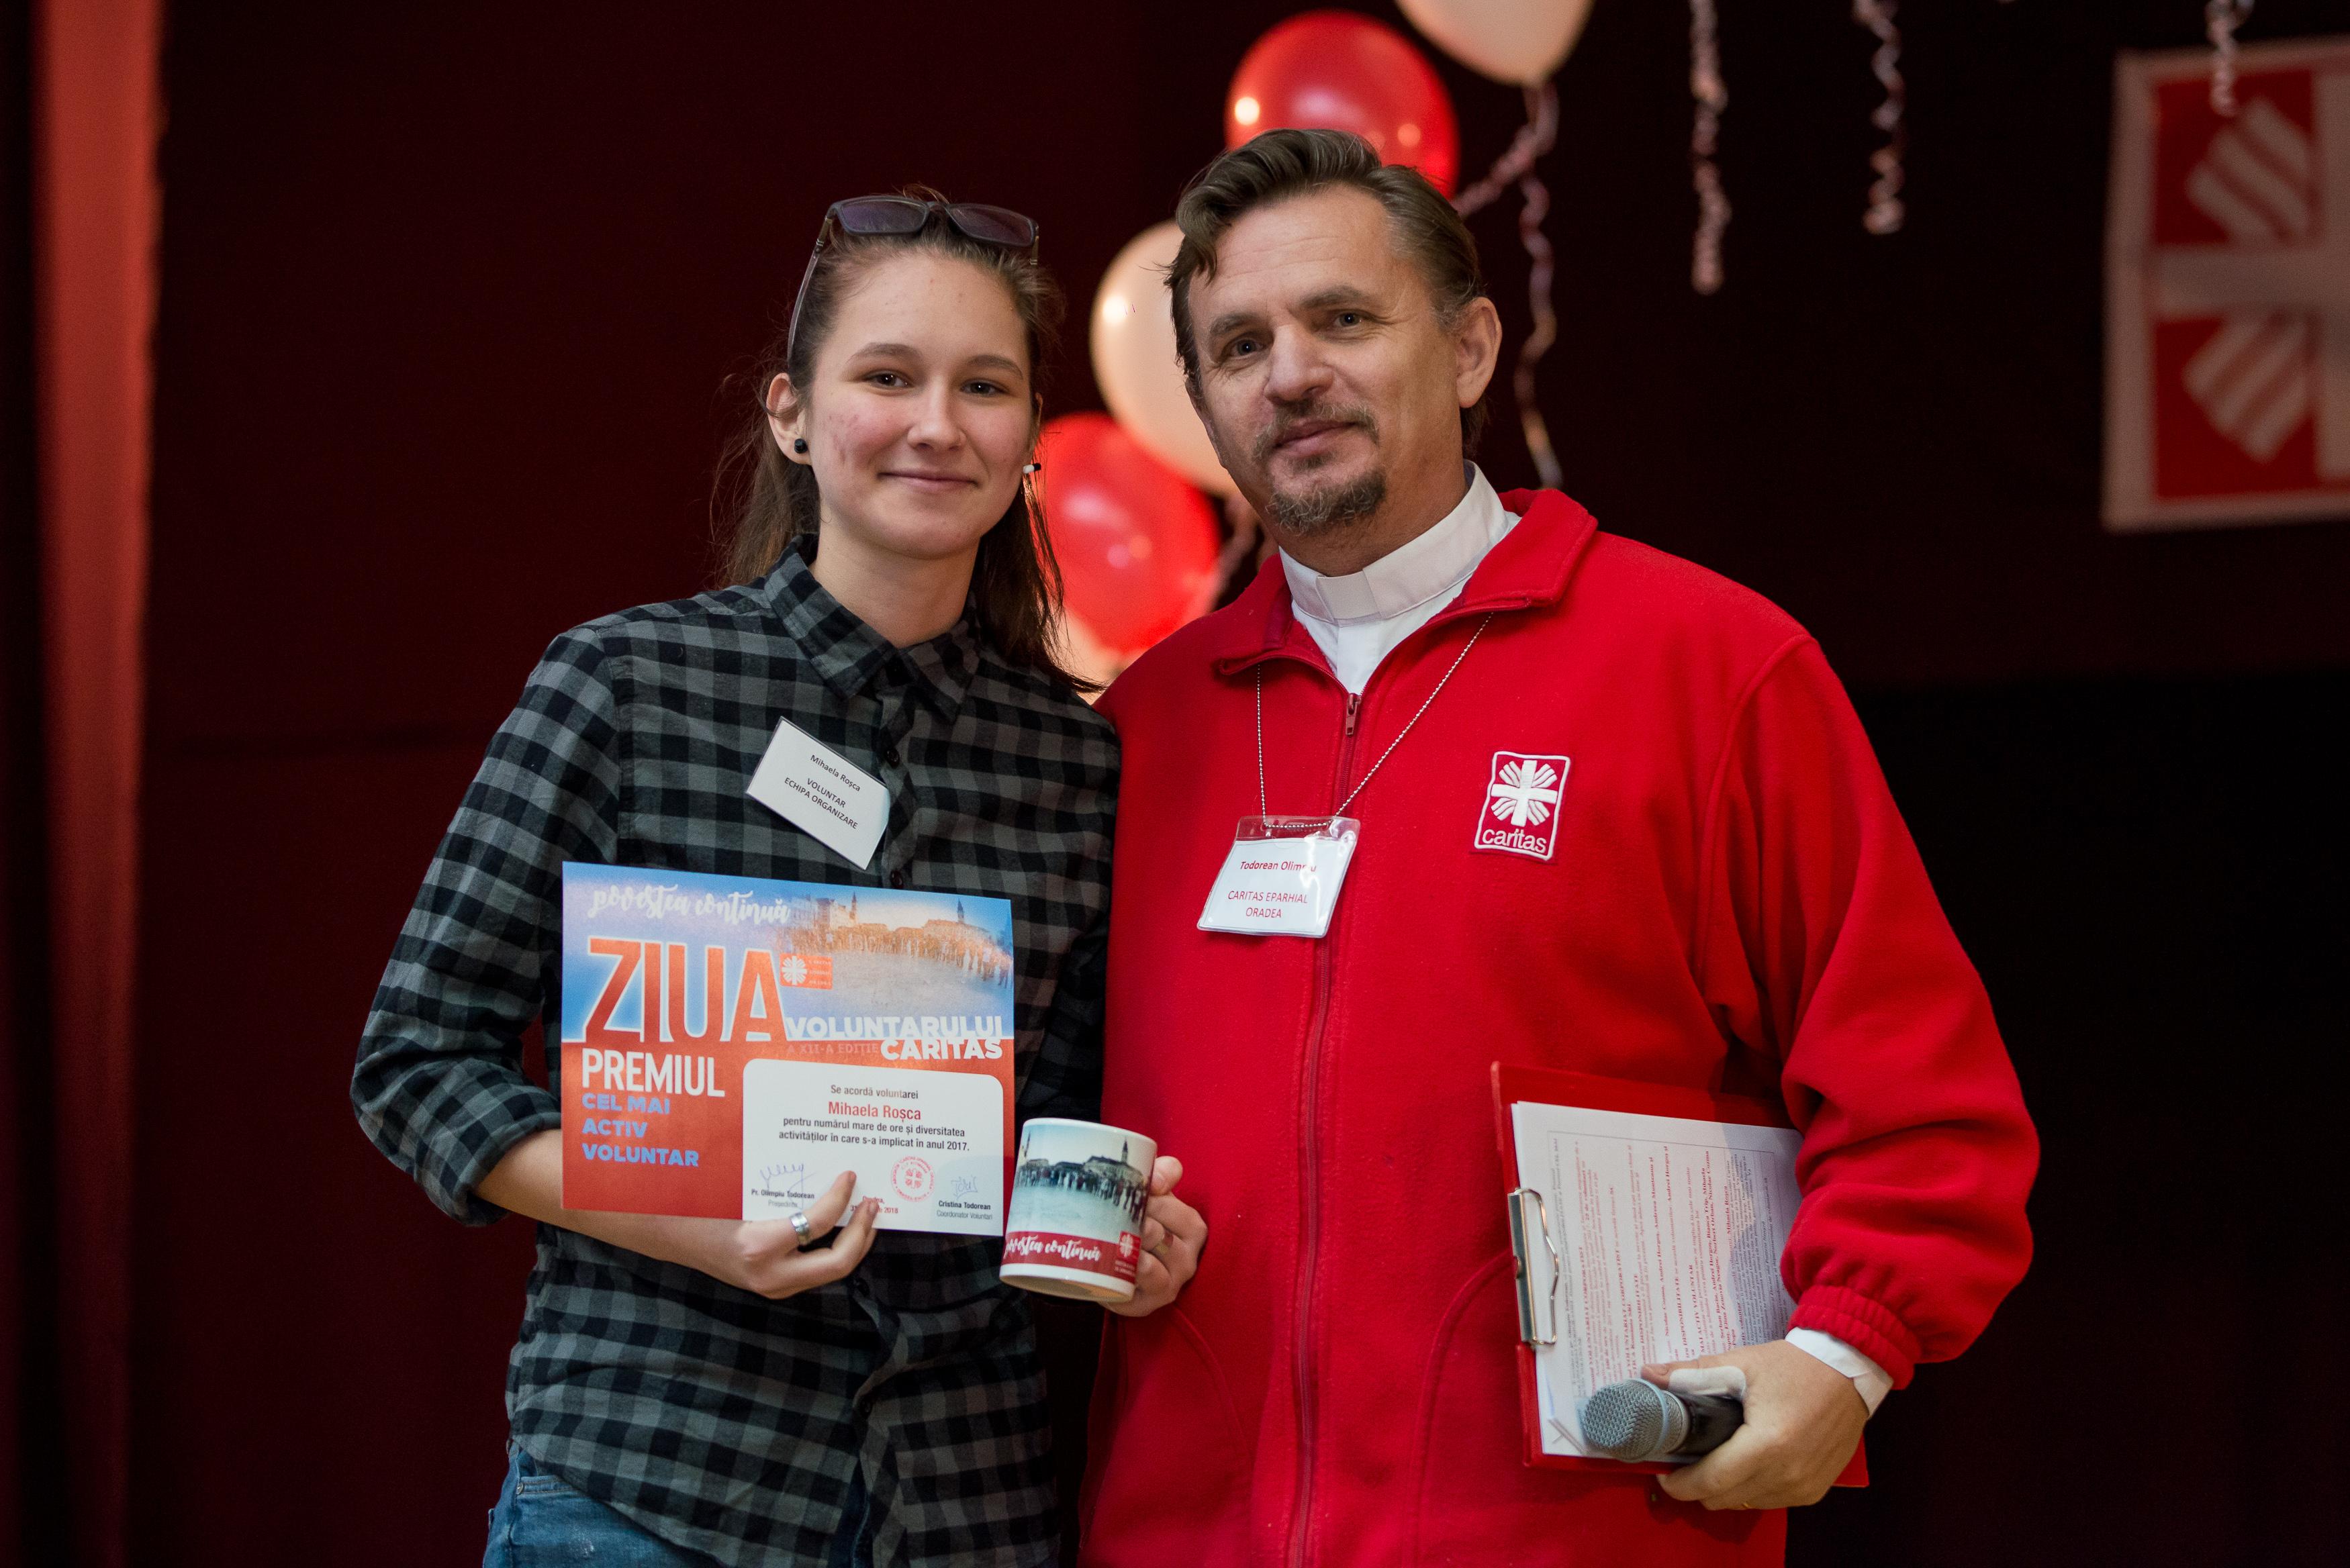 Premiul pentru cel mai activ voluntar